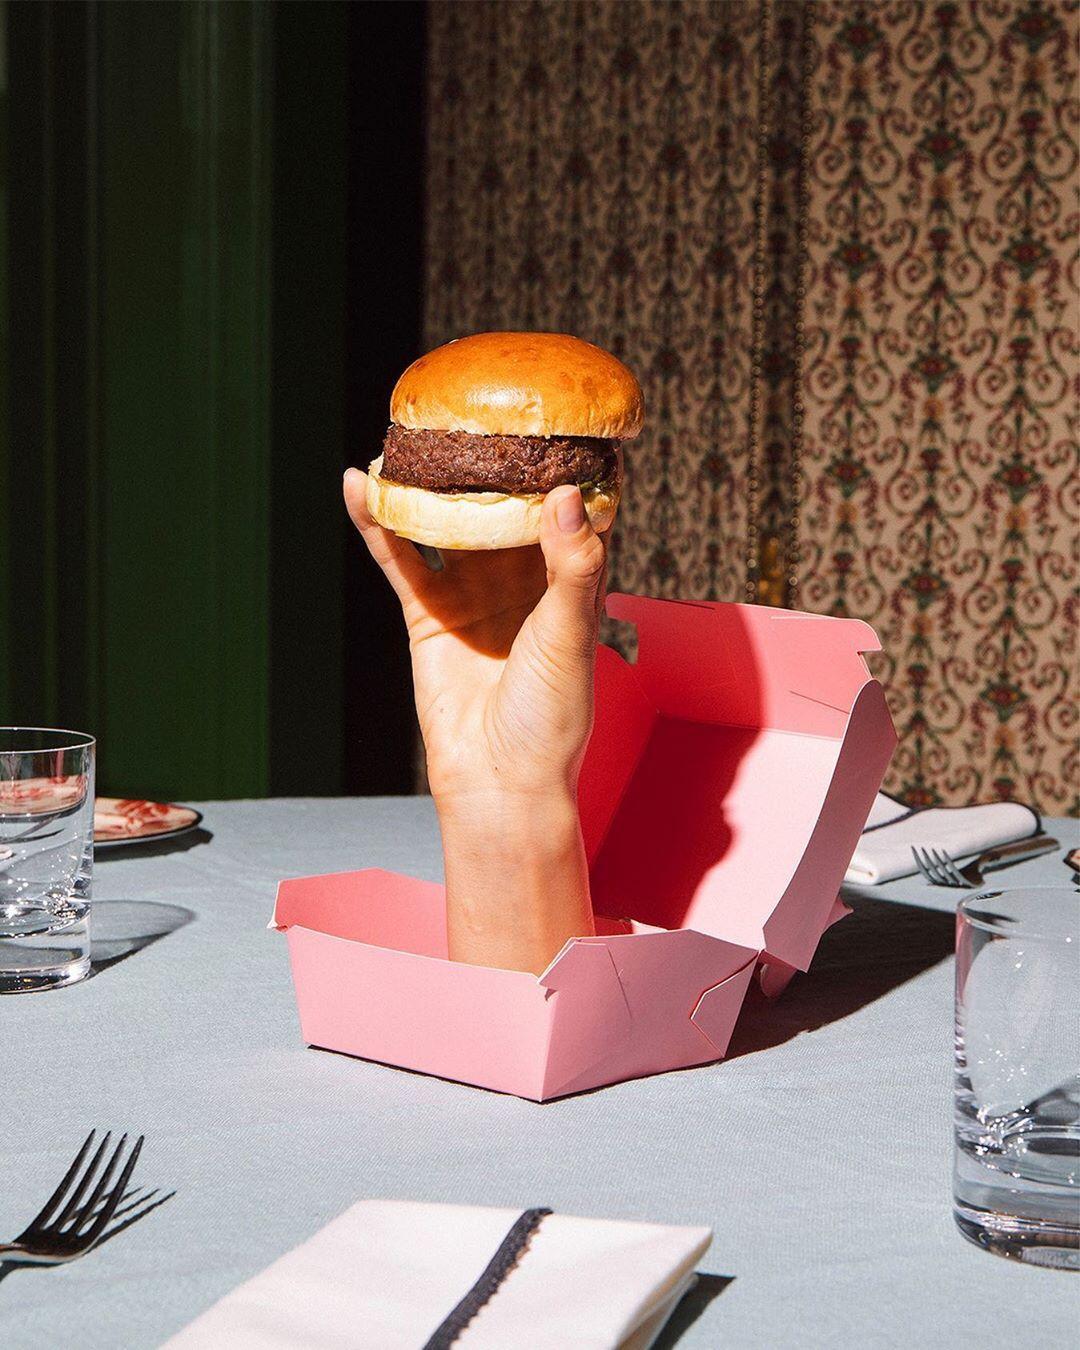 Emilia Burger